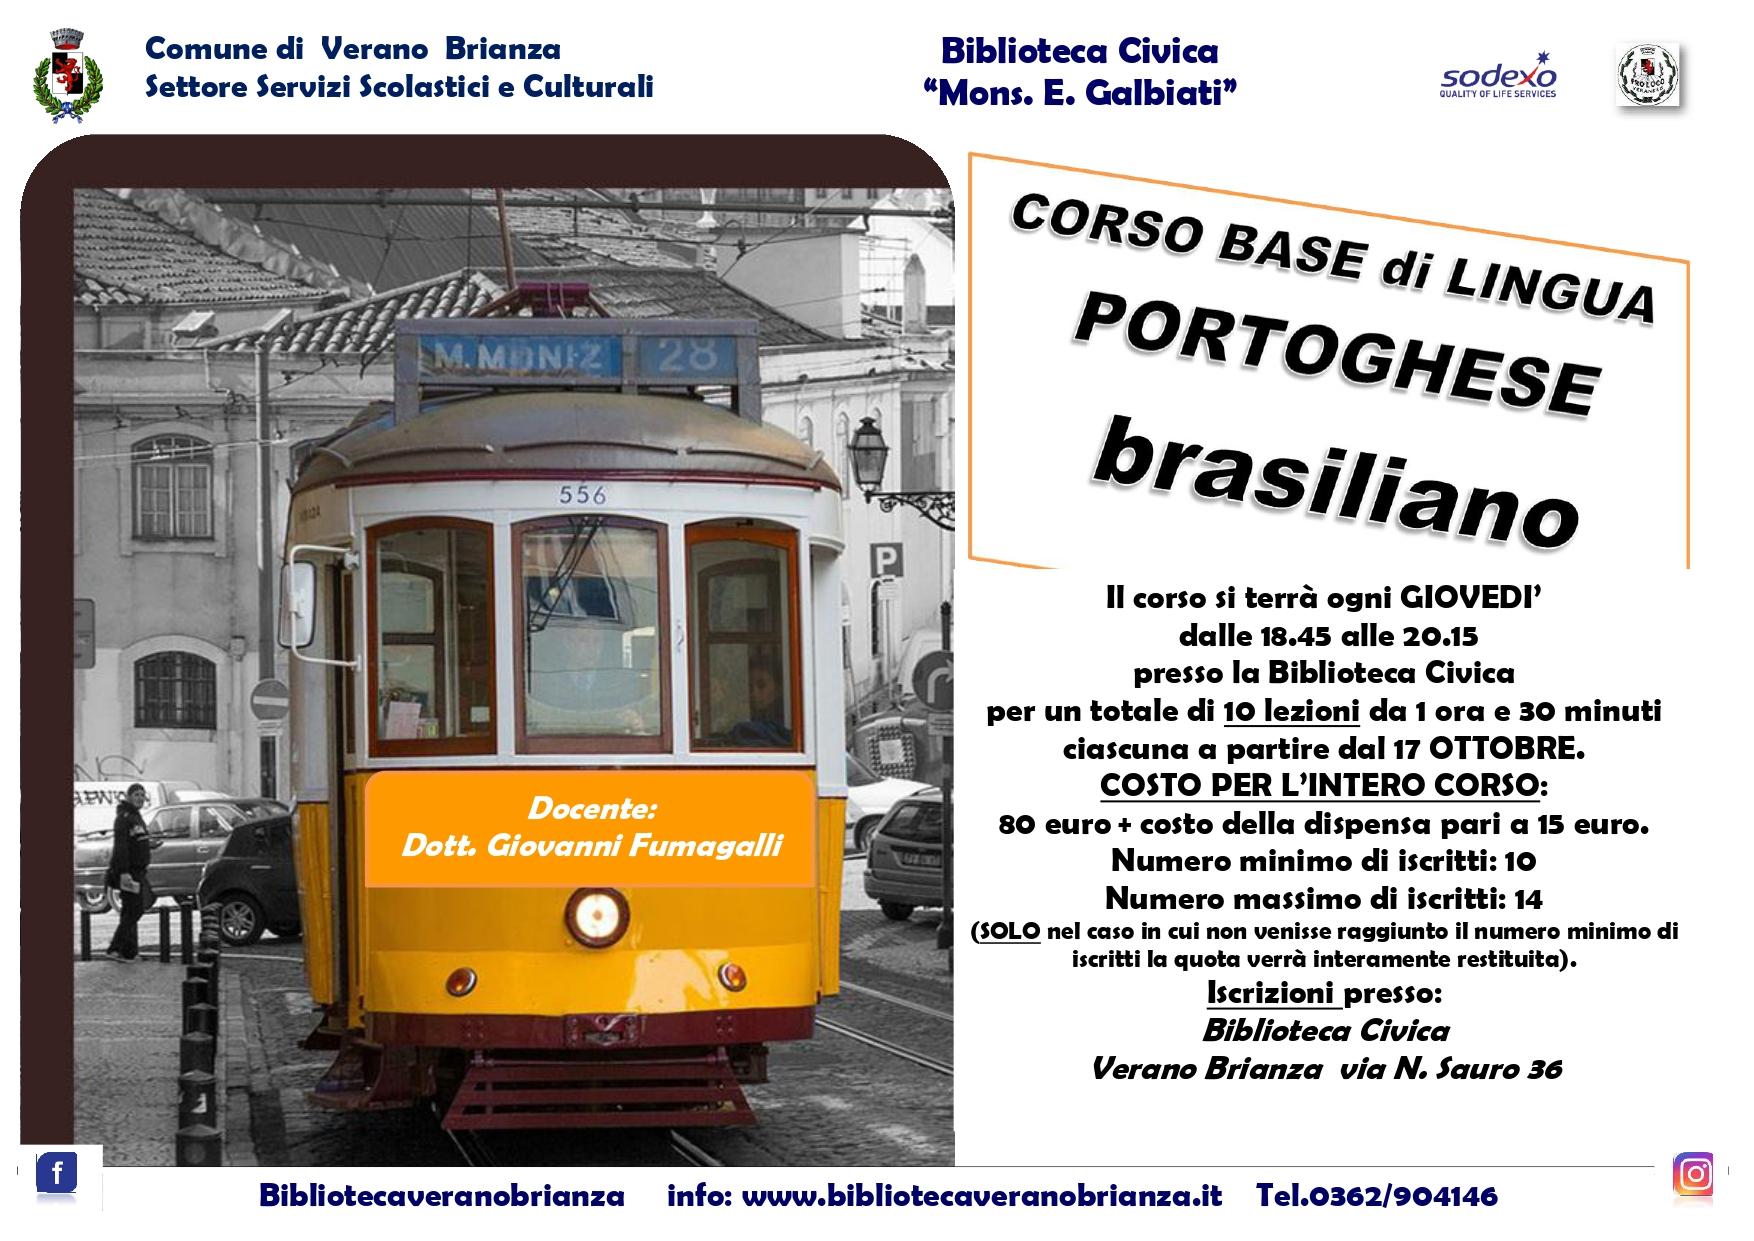 CORSO BASE DI LINGUA PORTOGHESE BRASILIANO